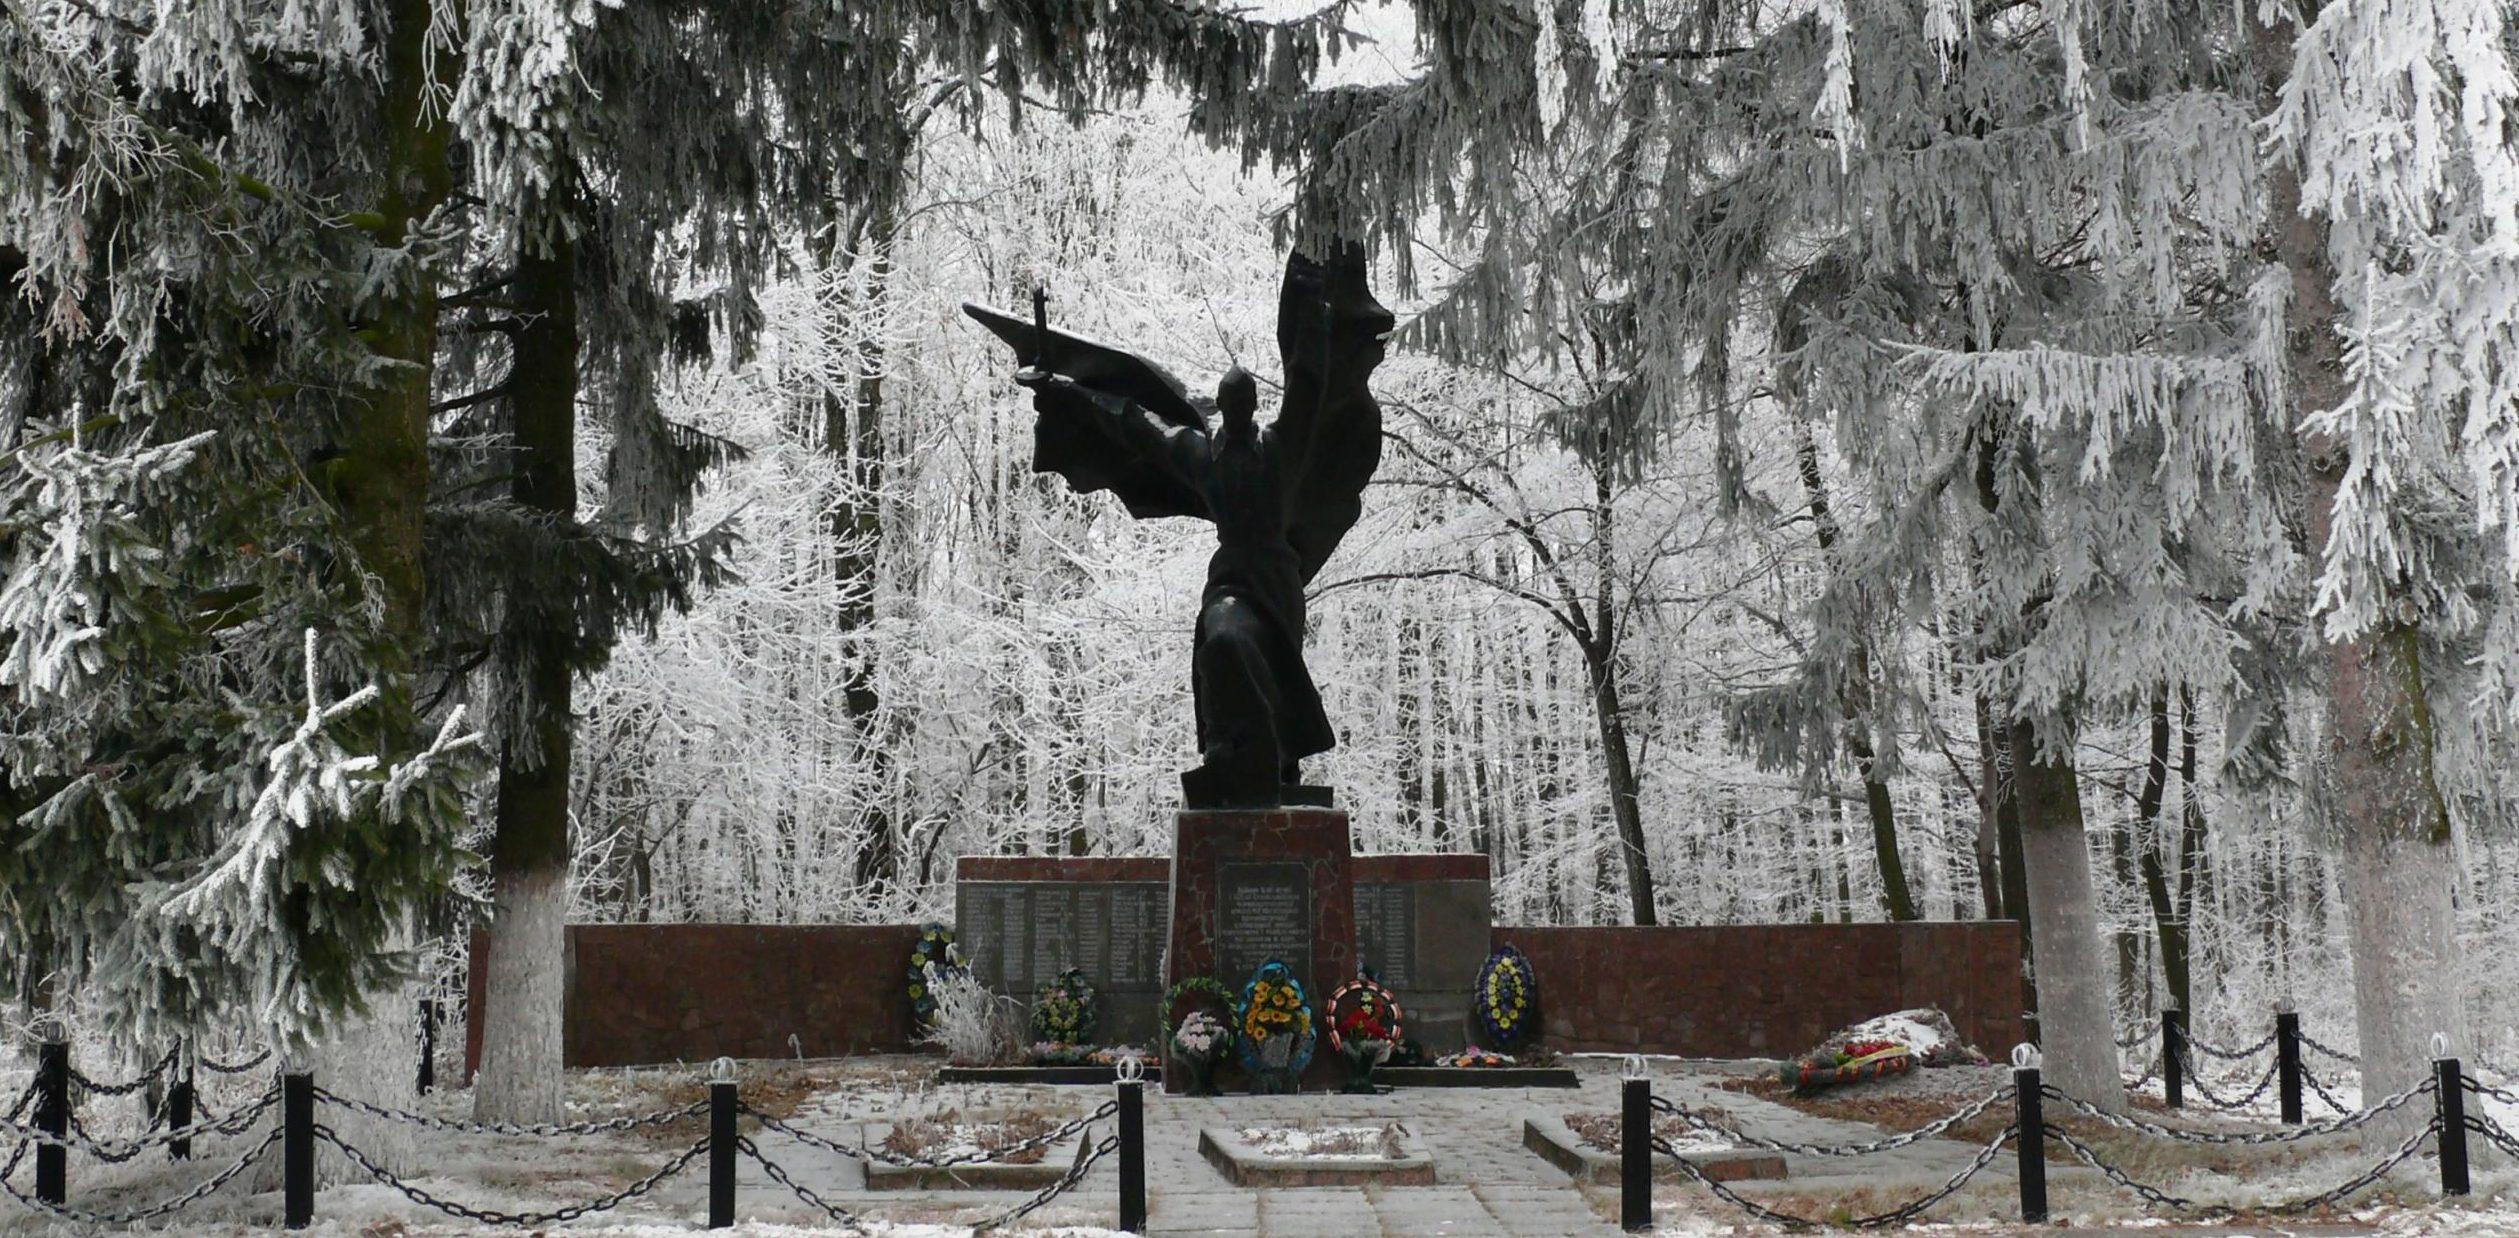 с. Голодьки Тетиевского р-на. Памятник, установленный на братской могиле, в которой похоронено 377 воинов, в т.ч. 300 неизвестных, погибших в годы войны.